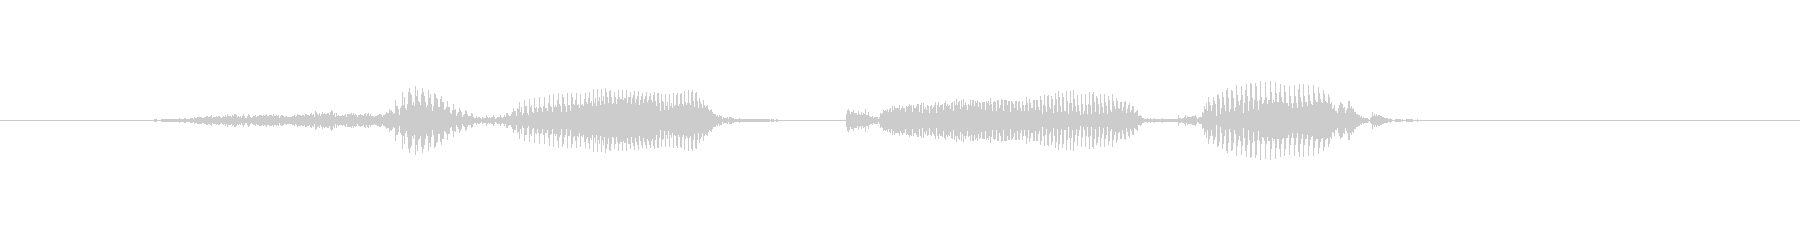 スリーカード(女性)の未再生の波形